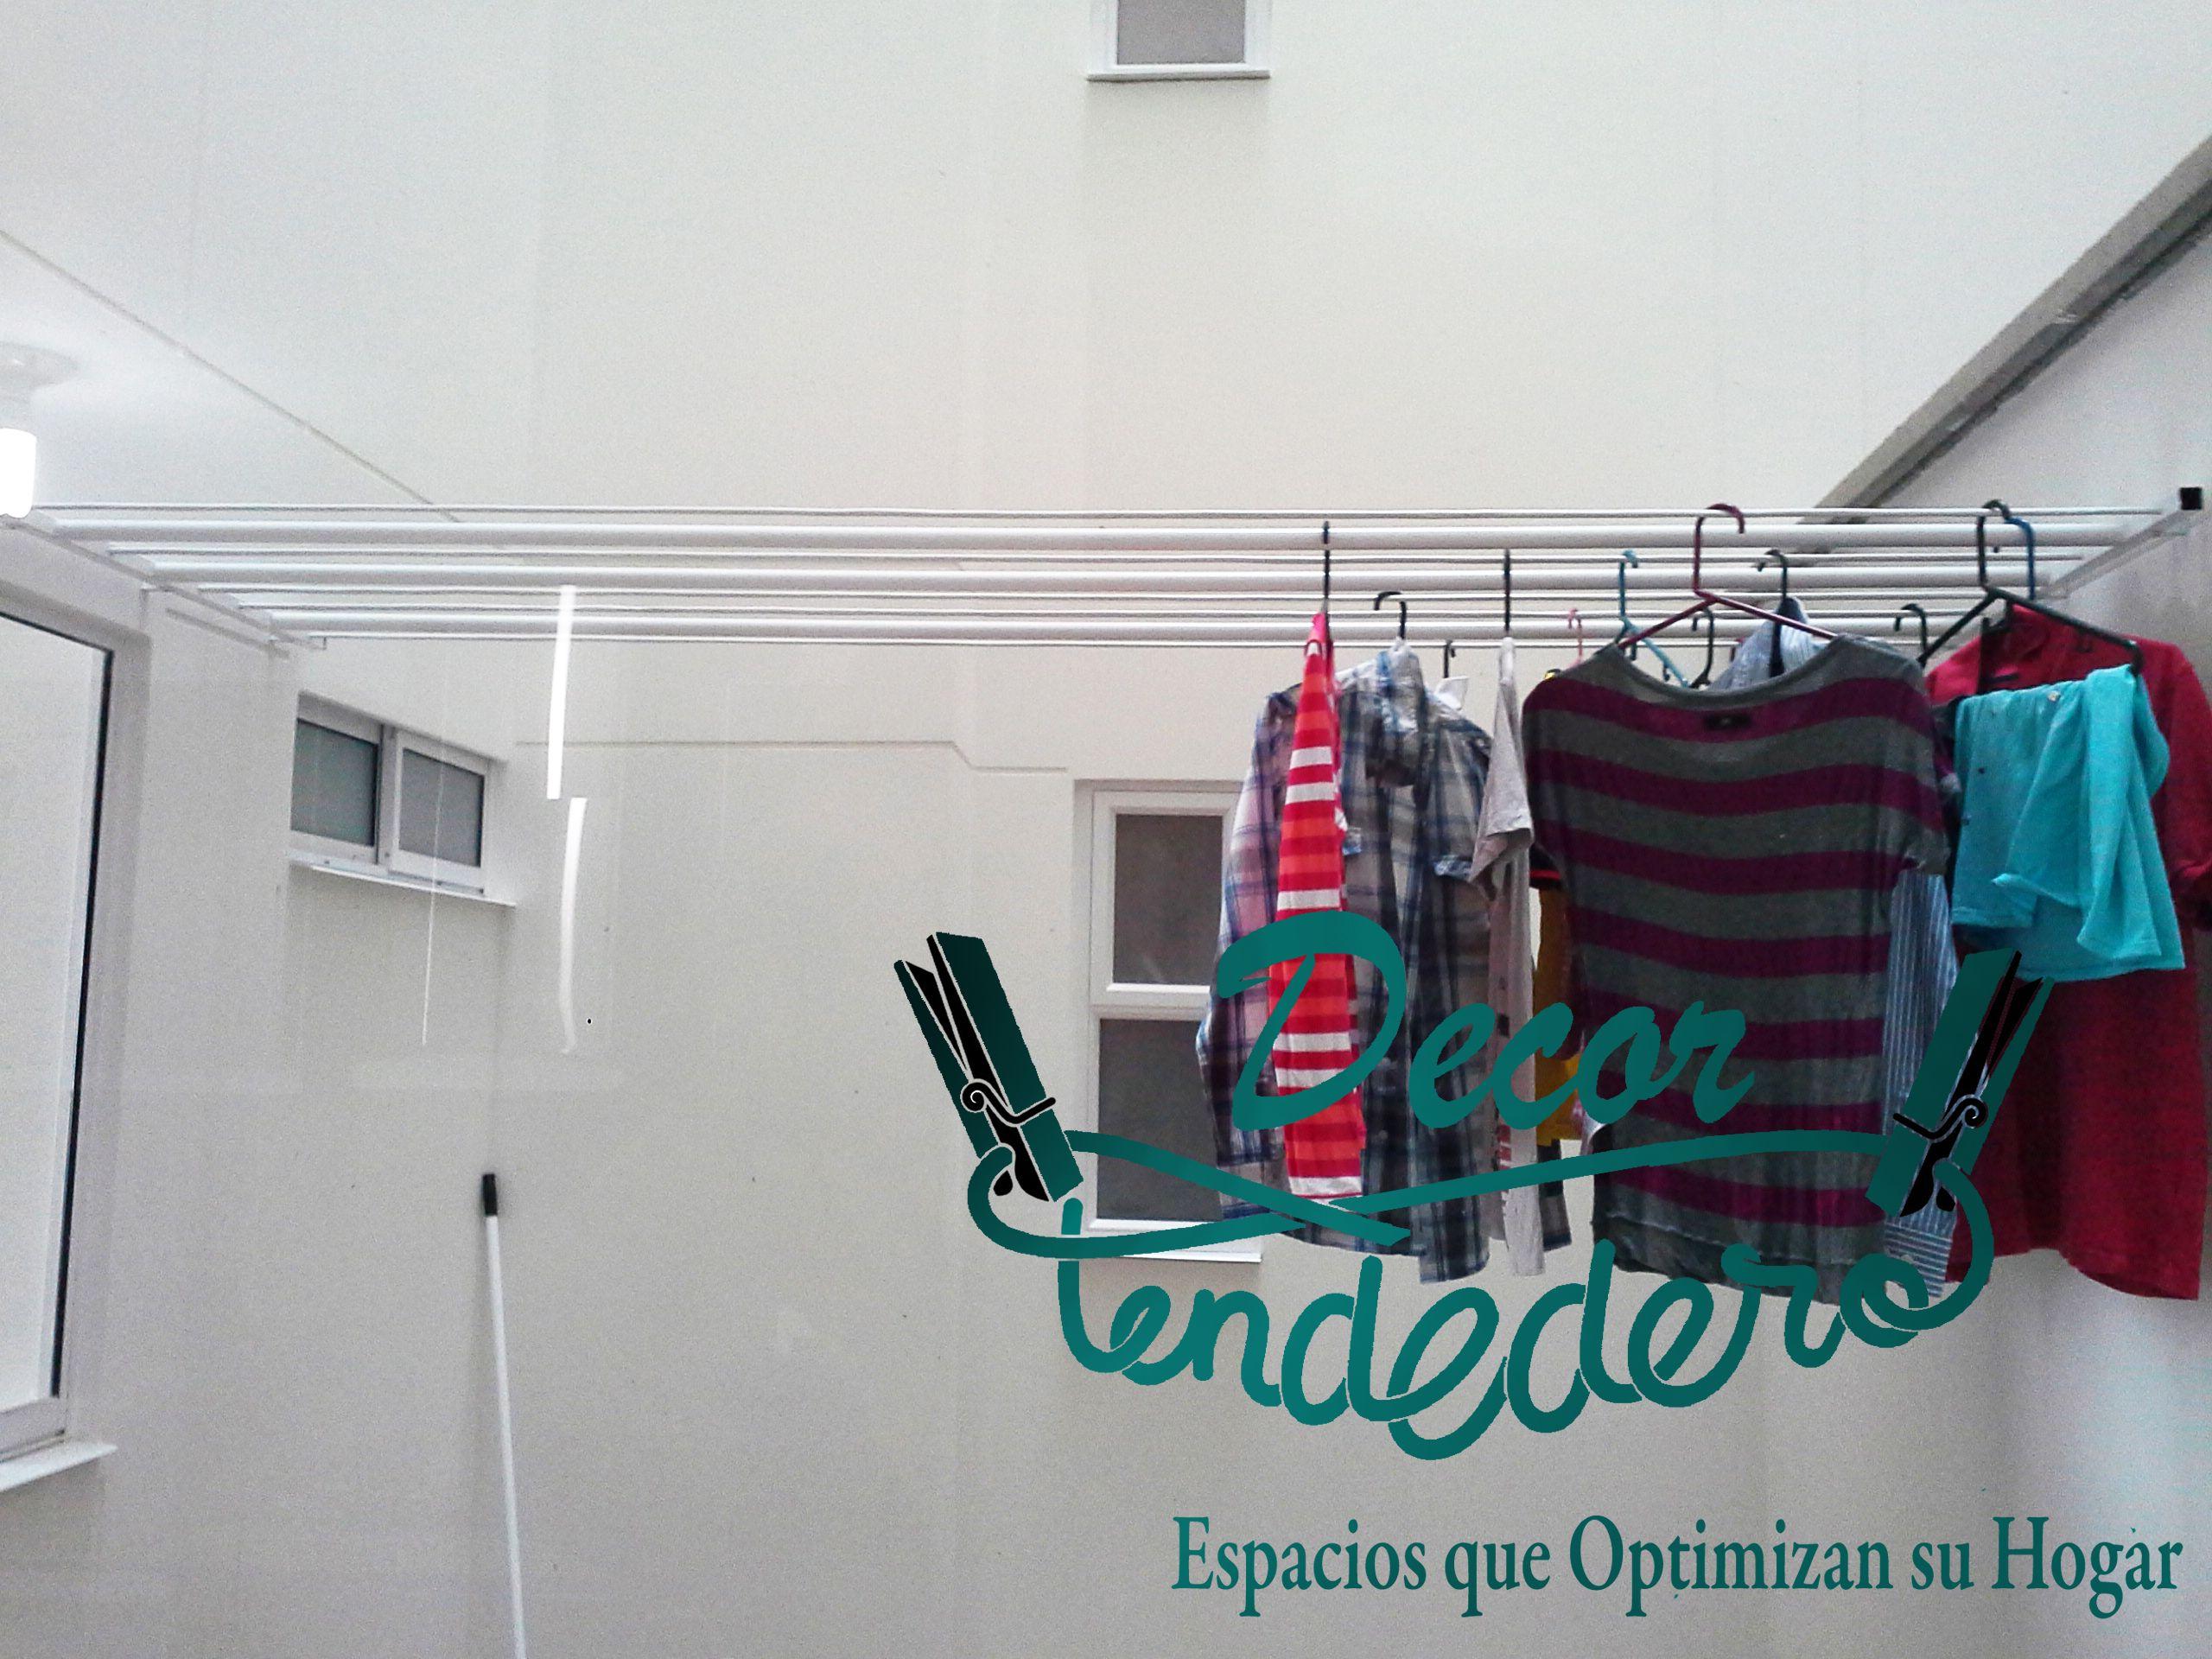 Tendedero muro a muro para el tendido de su ropa informes - Tenderos de ropa ...